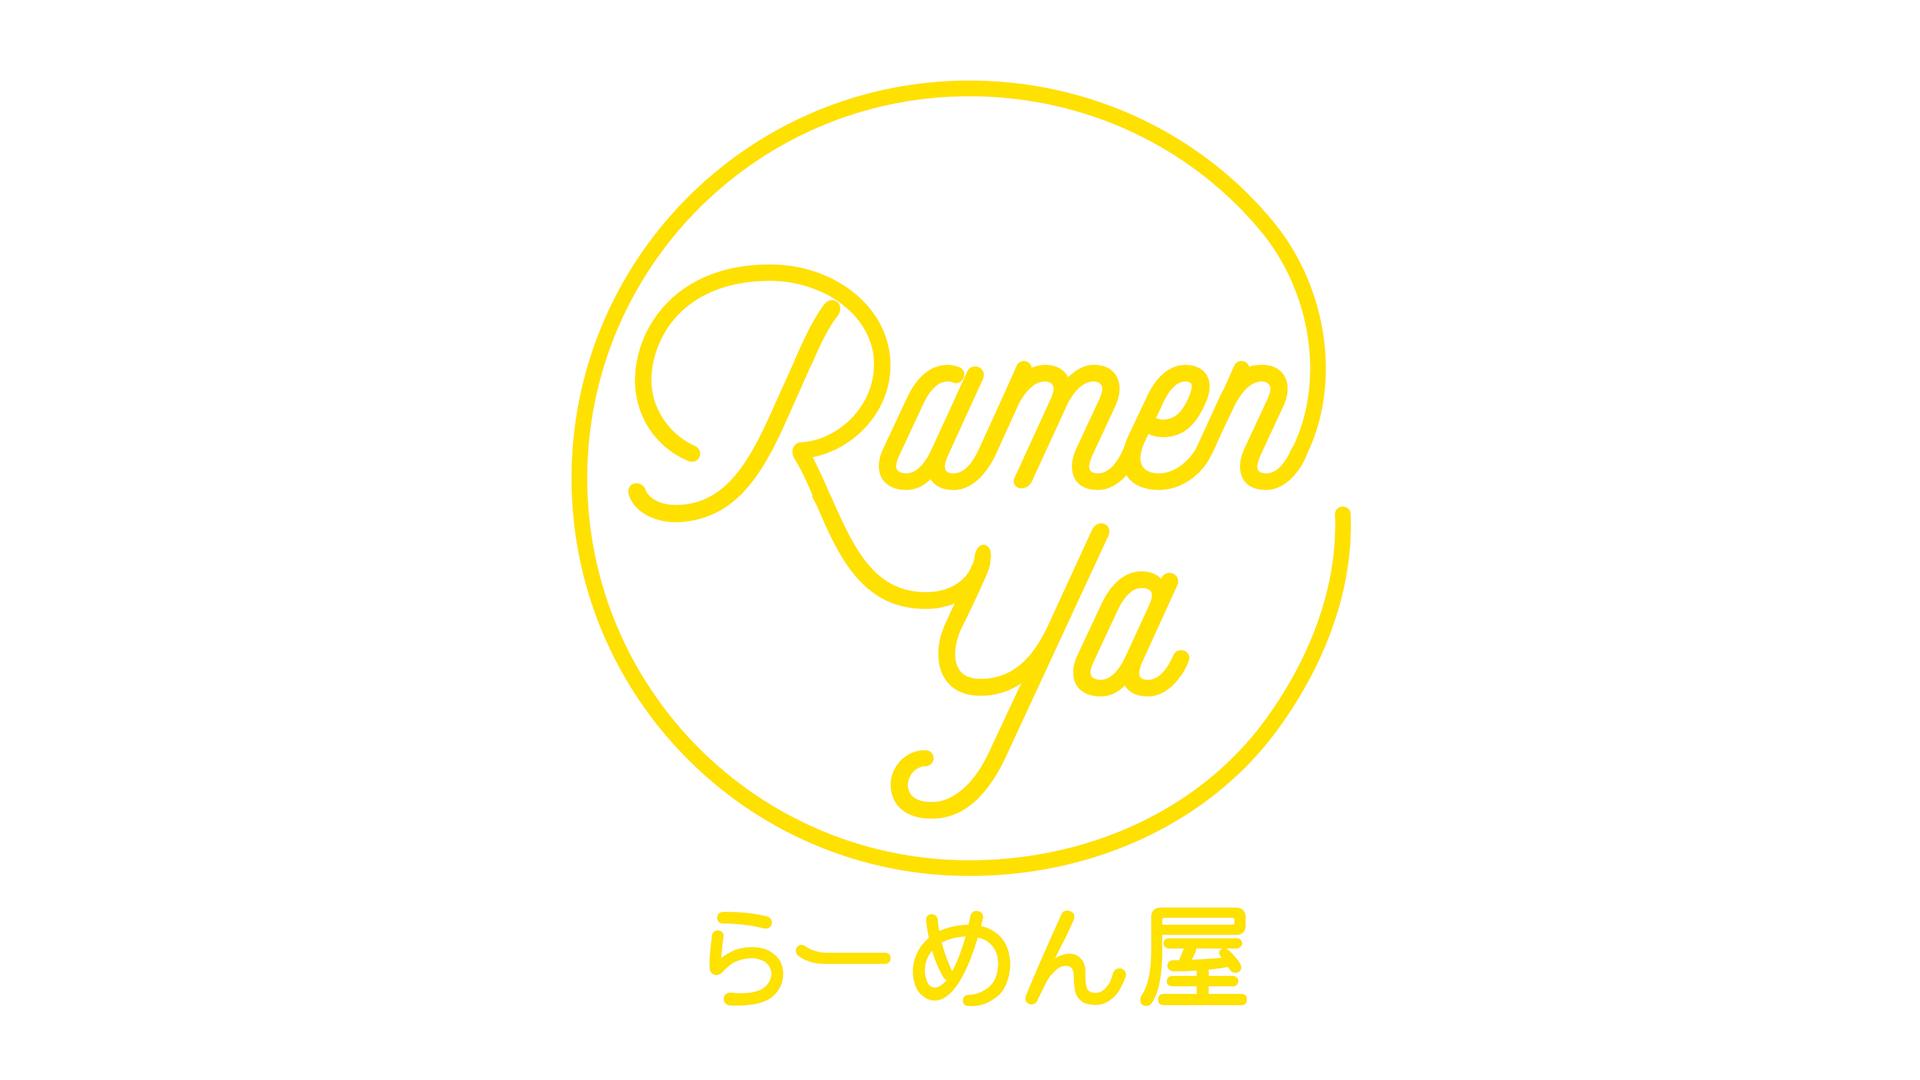 Ramen-ya-v2.jpg